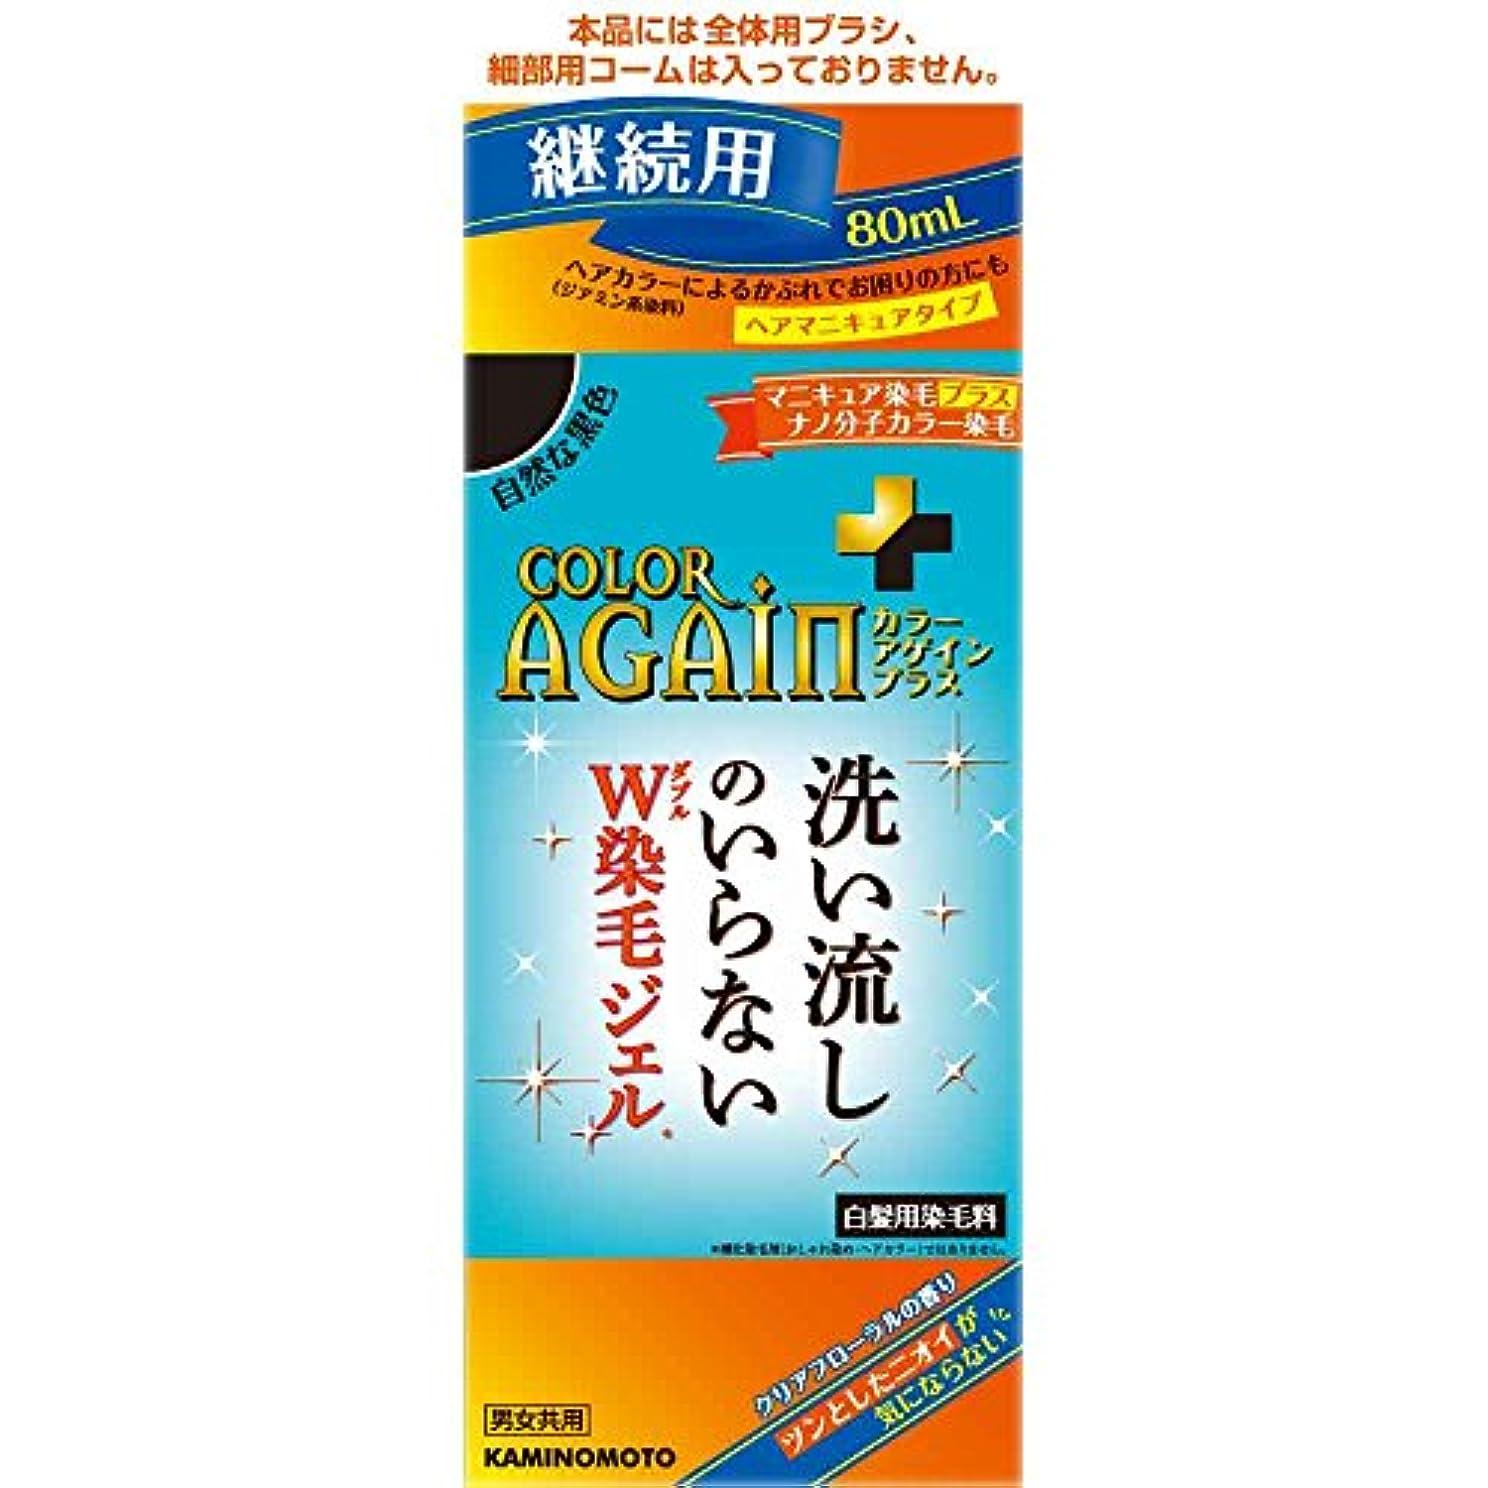 とらえどころのないコック足カラーアゲインプラス 自然な黒色 継続用 80mL